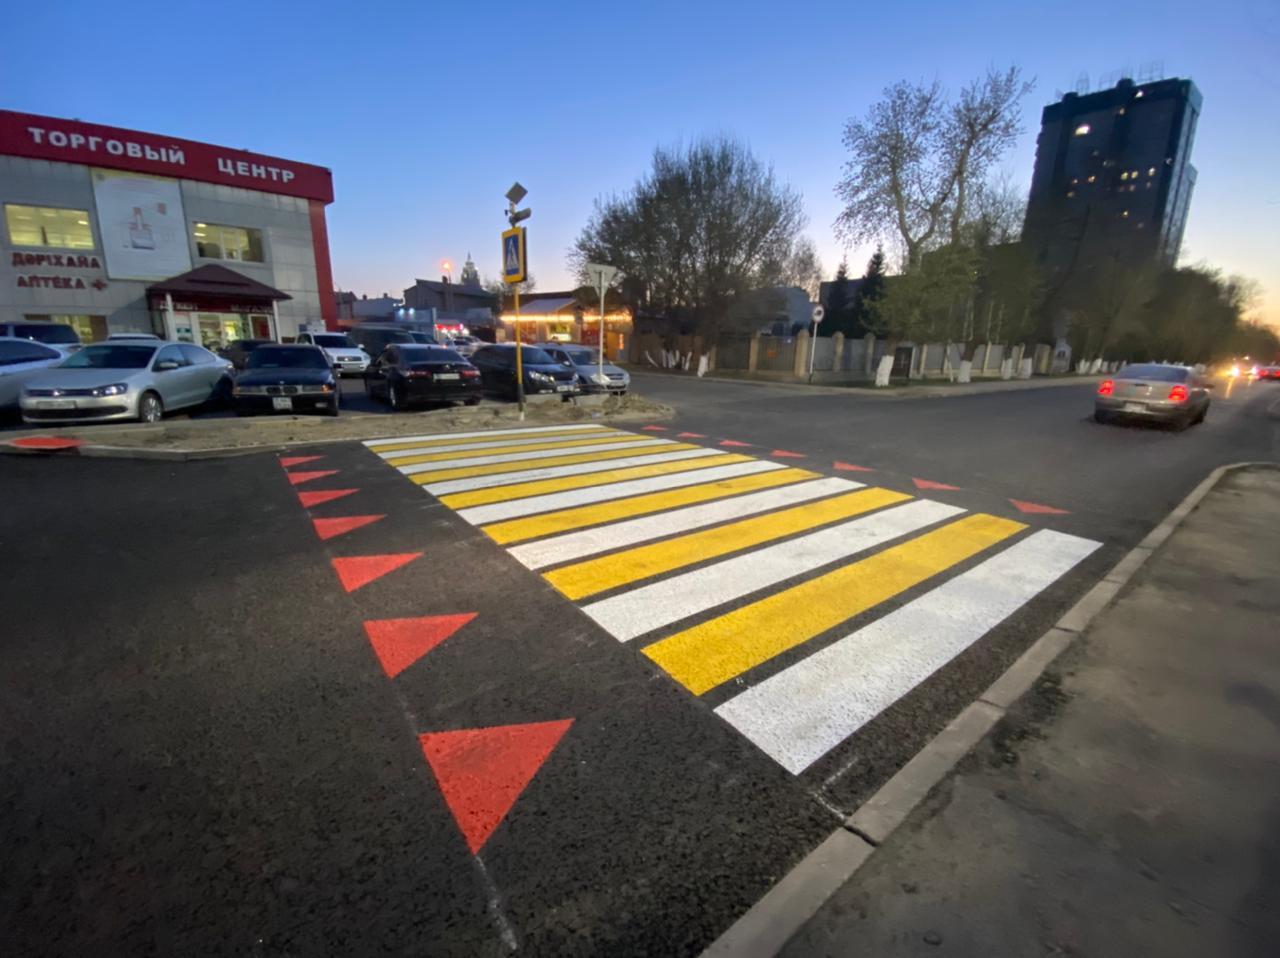 Приподнятый пешеходный переход и светофоры со смайликом появились в столице